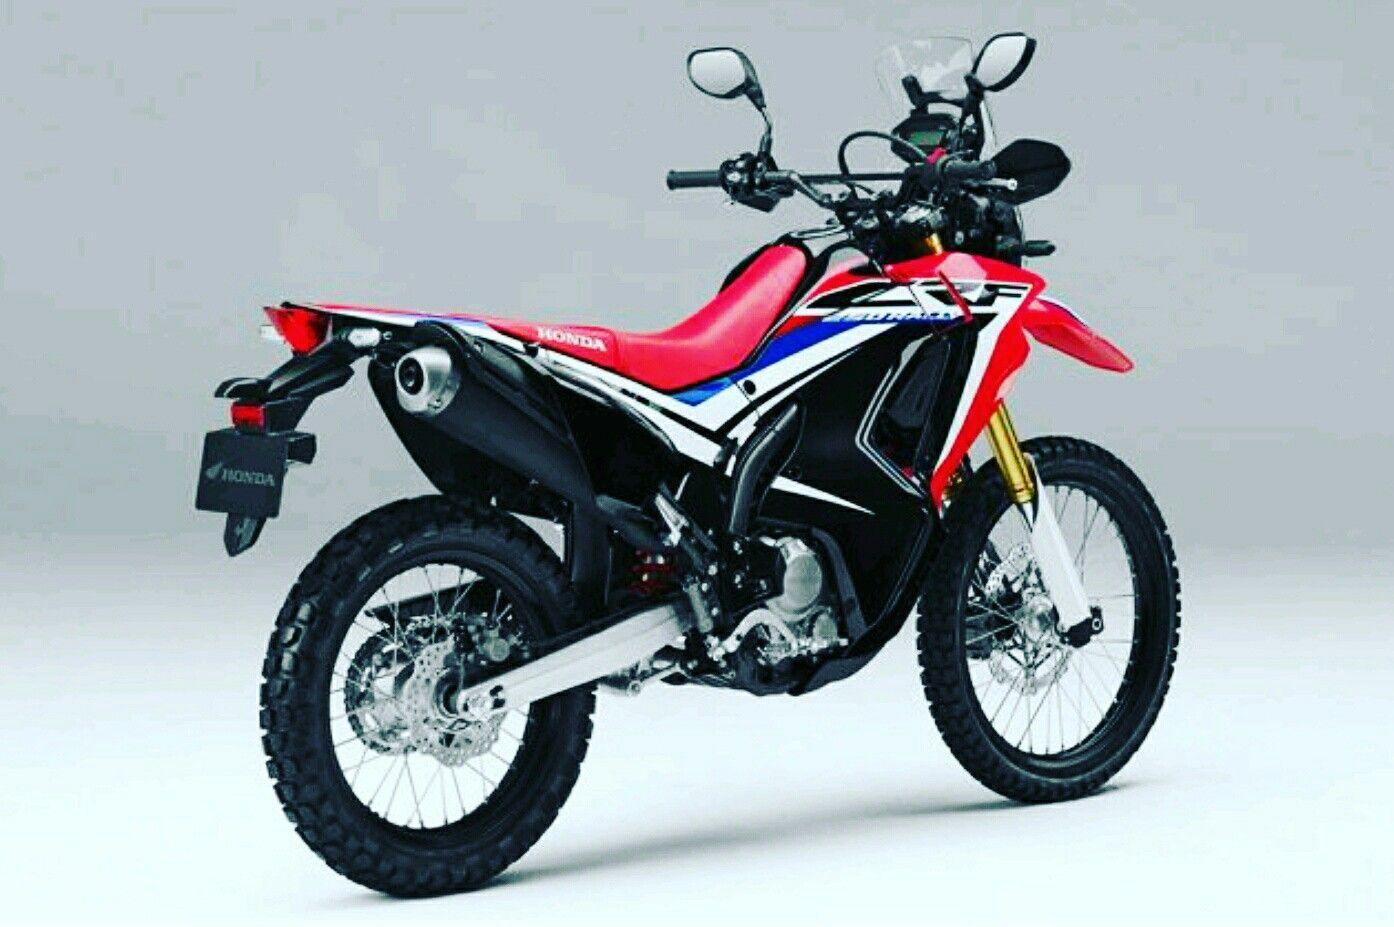 Nueva Honda CRF250L Rally. Motos personalizadas, Motos